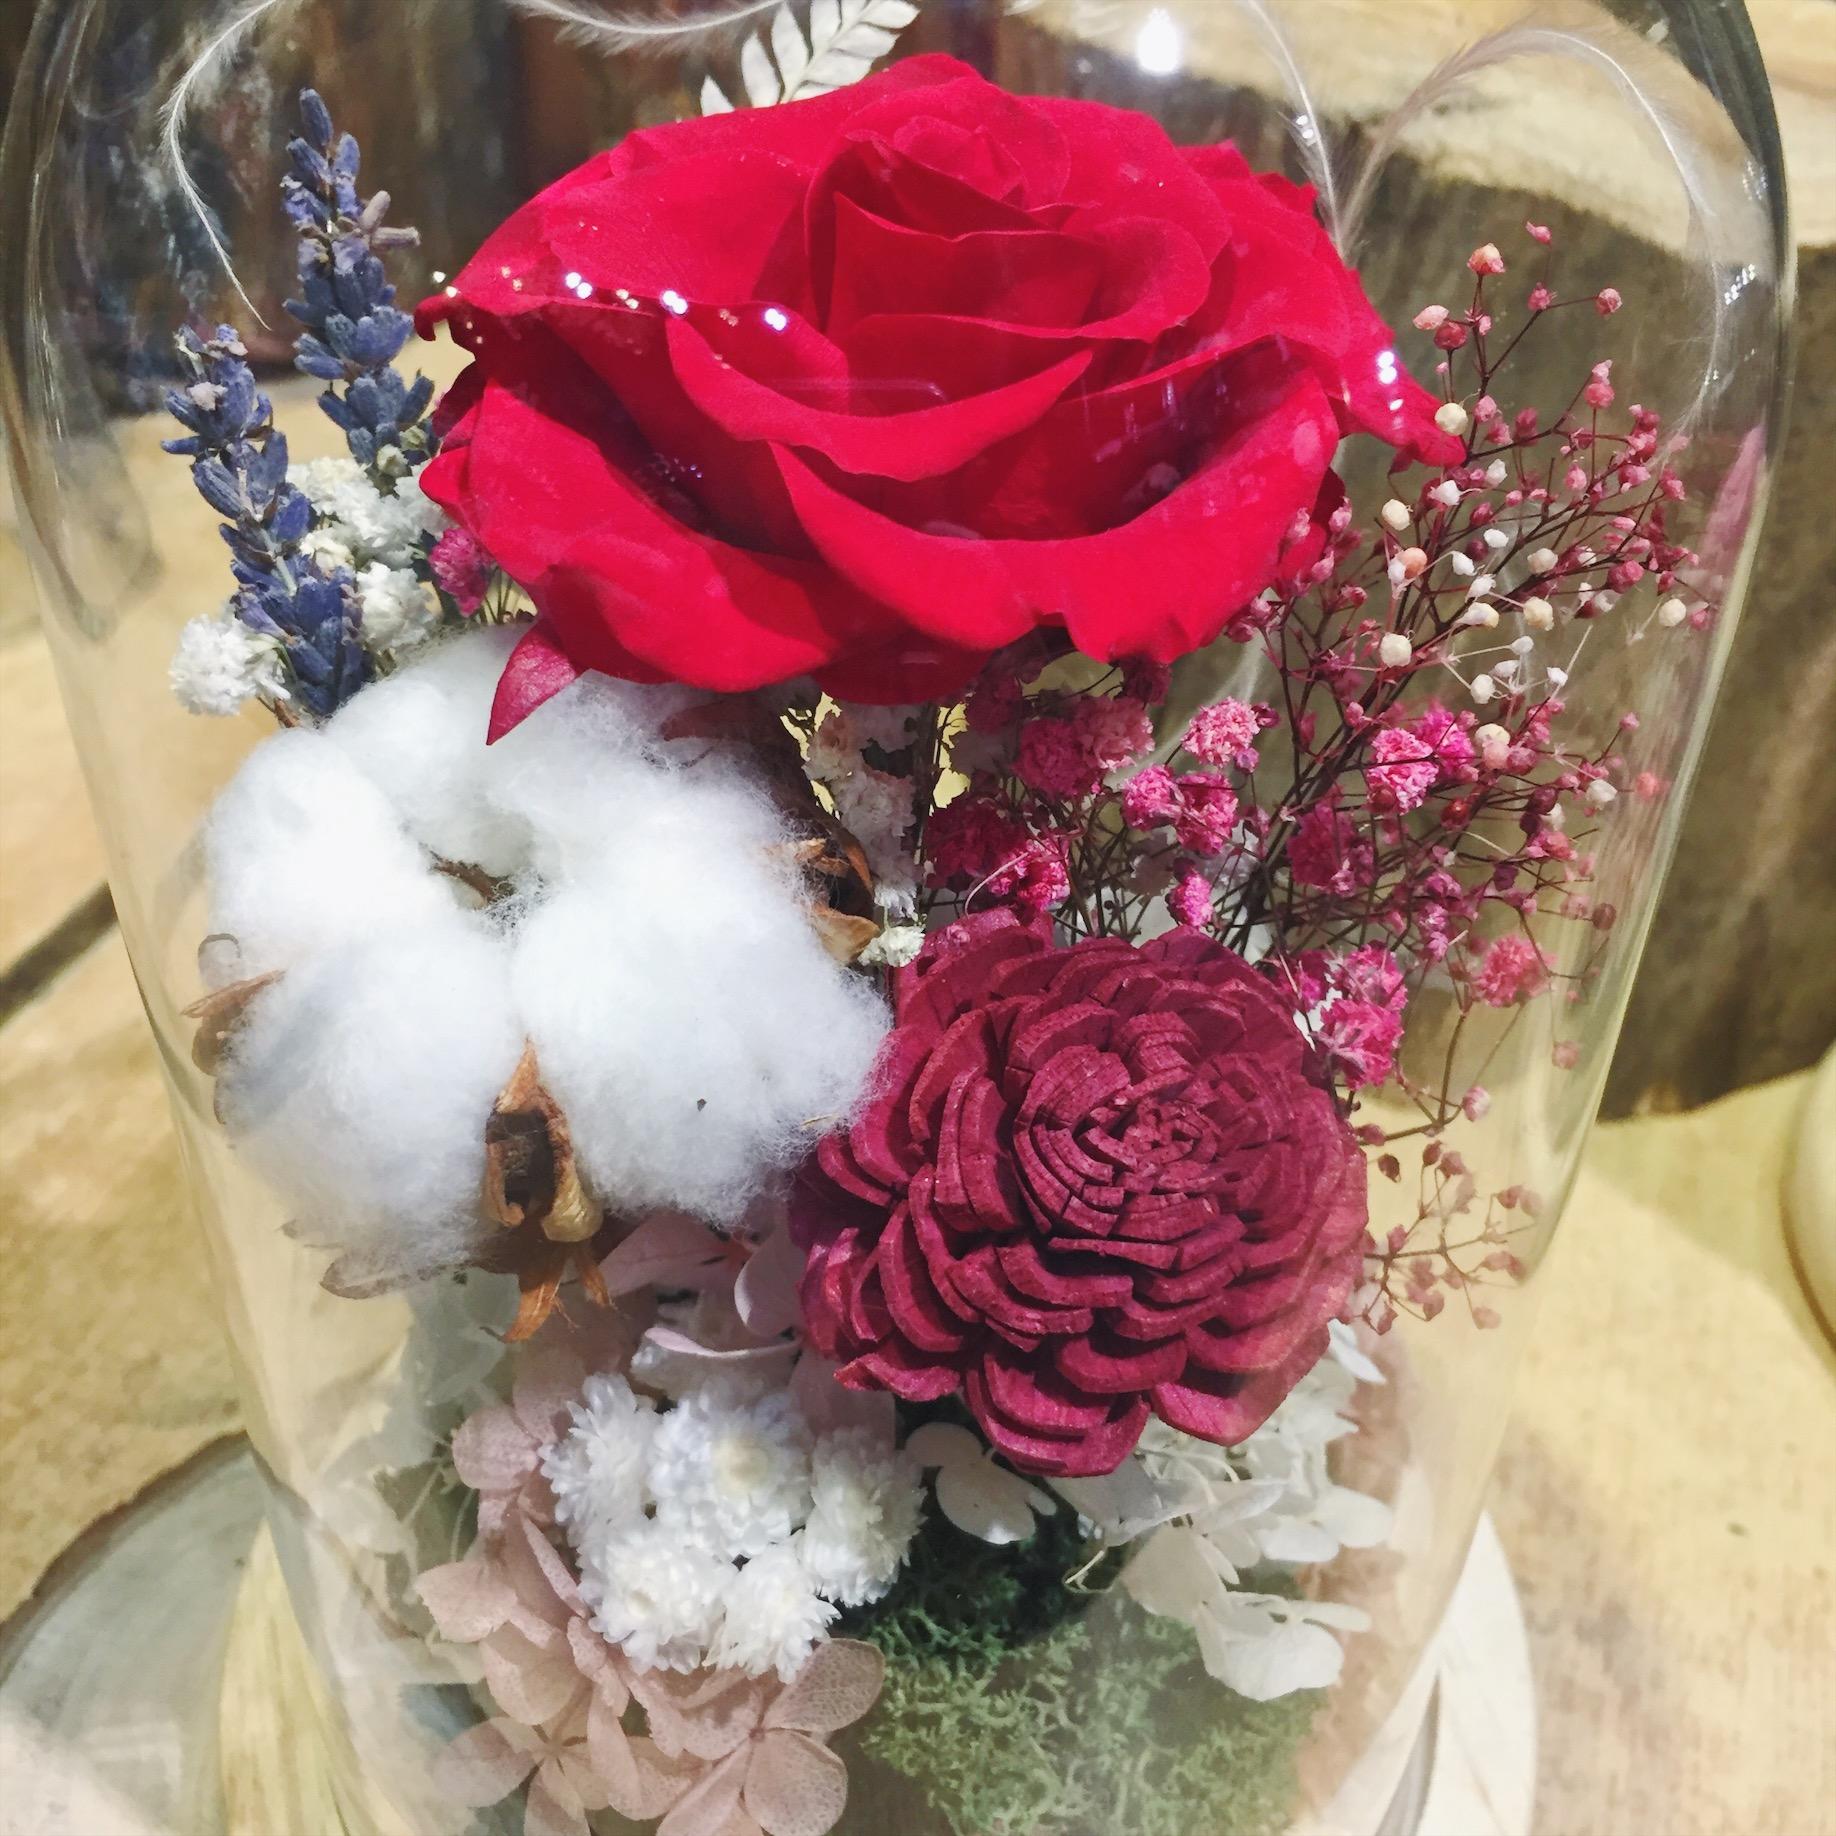 深紅色永生花盅罩,喜歡生活乾燥花店